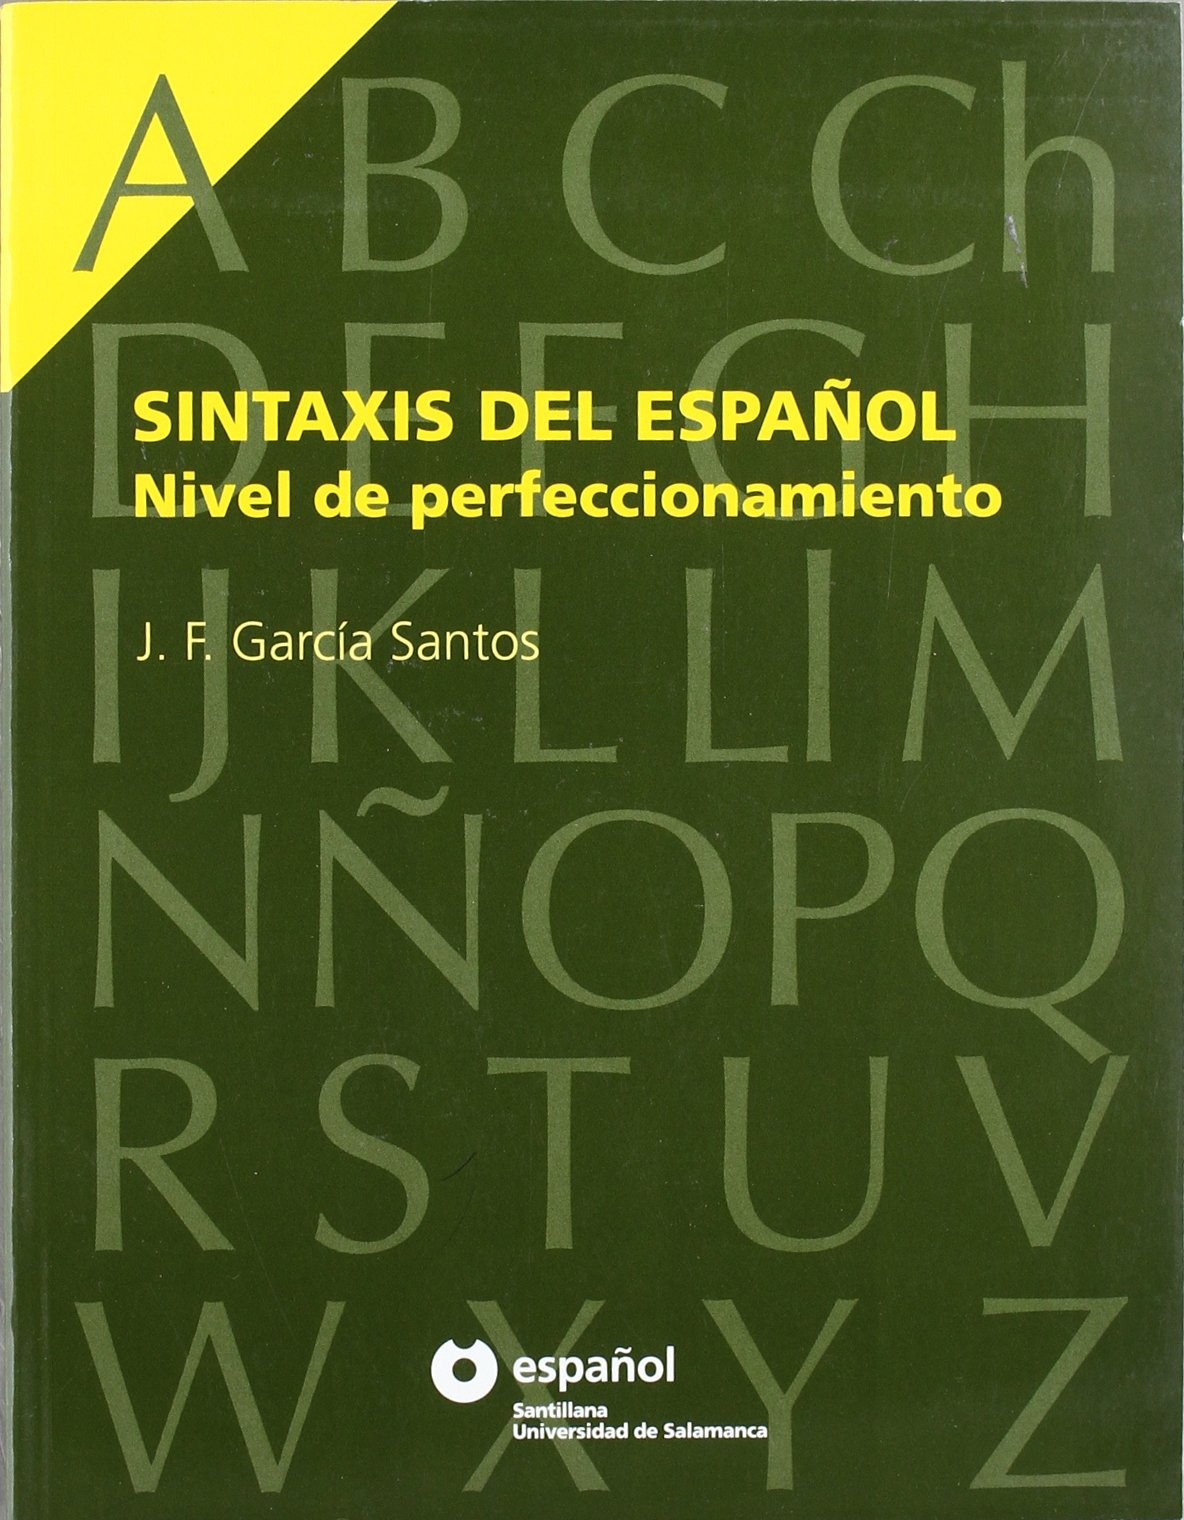 sintaxis-del-espaol-nivel-de-perfeccionamiento-espaol-santillana-universidad-de-salamanca